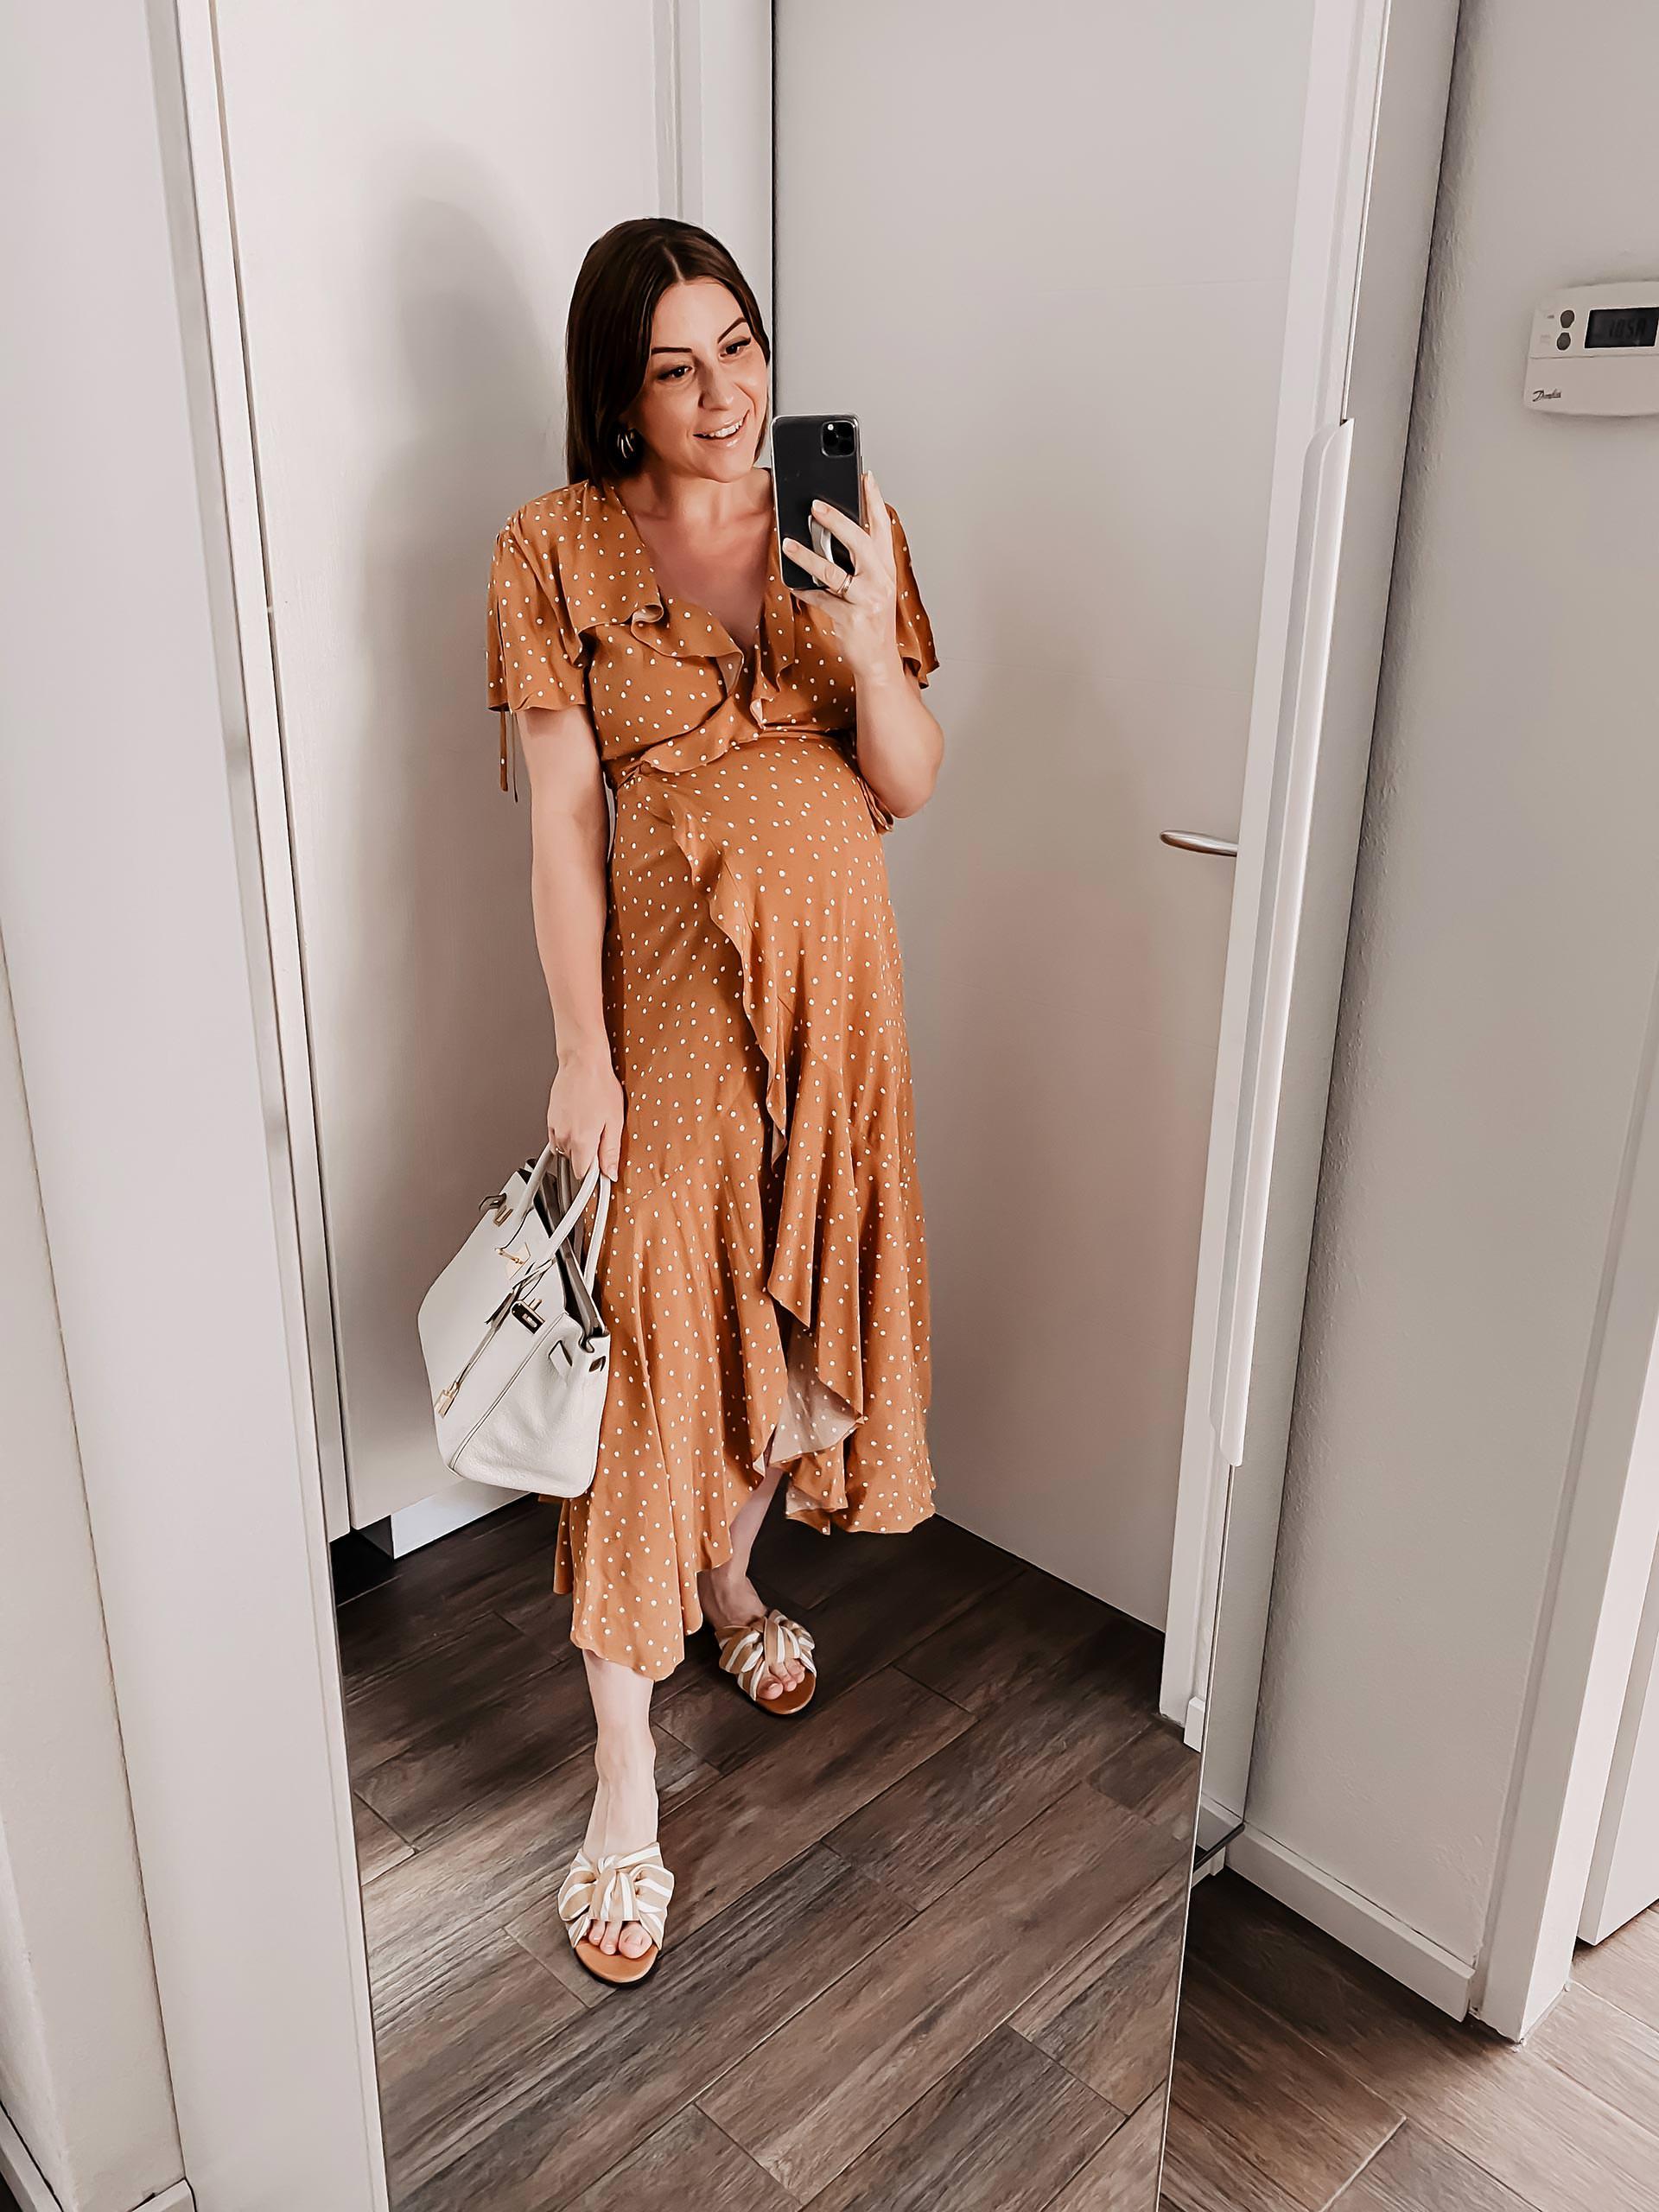 Am Mamablog aus Österreich findest du heute 5 Sommer Outfits für Schwangere, die ganz ohne Umstandsmode auskommen! www.whoismocca.com